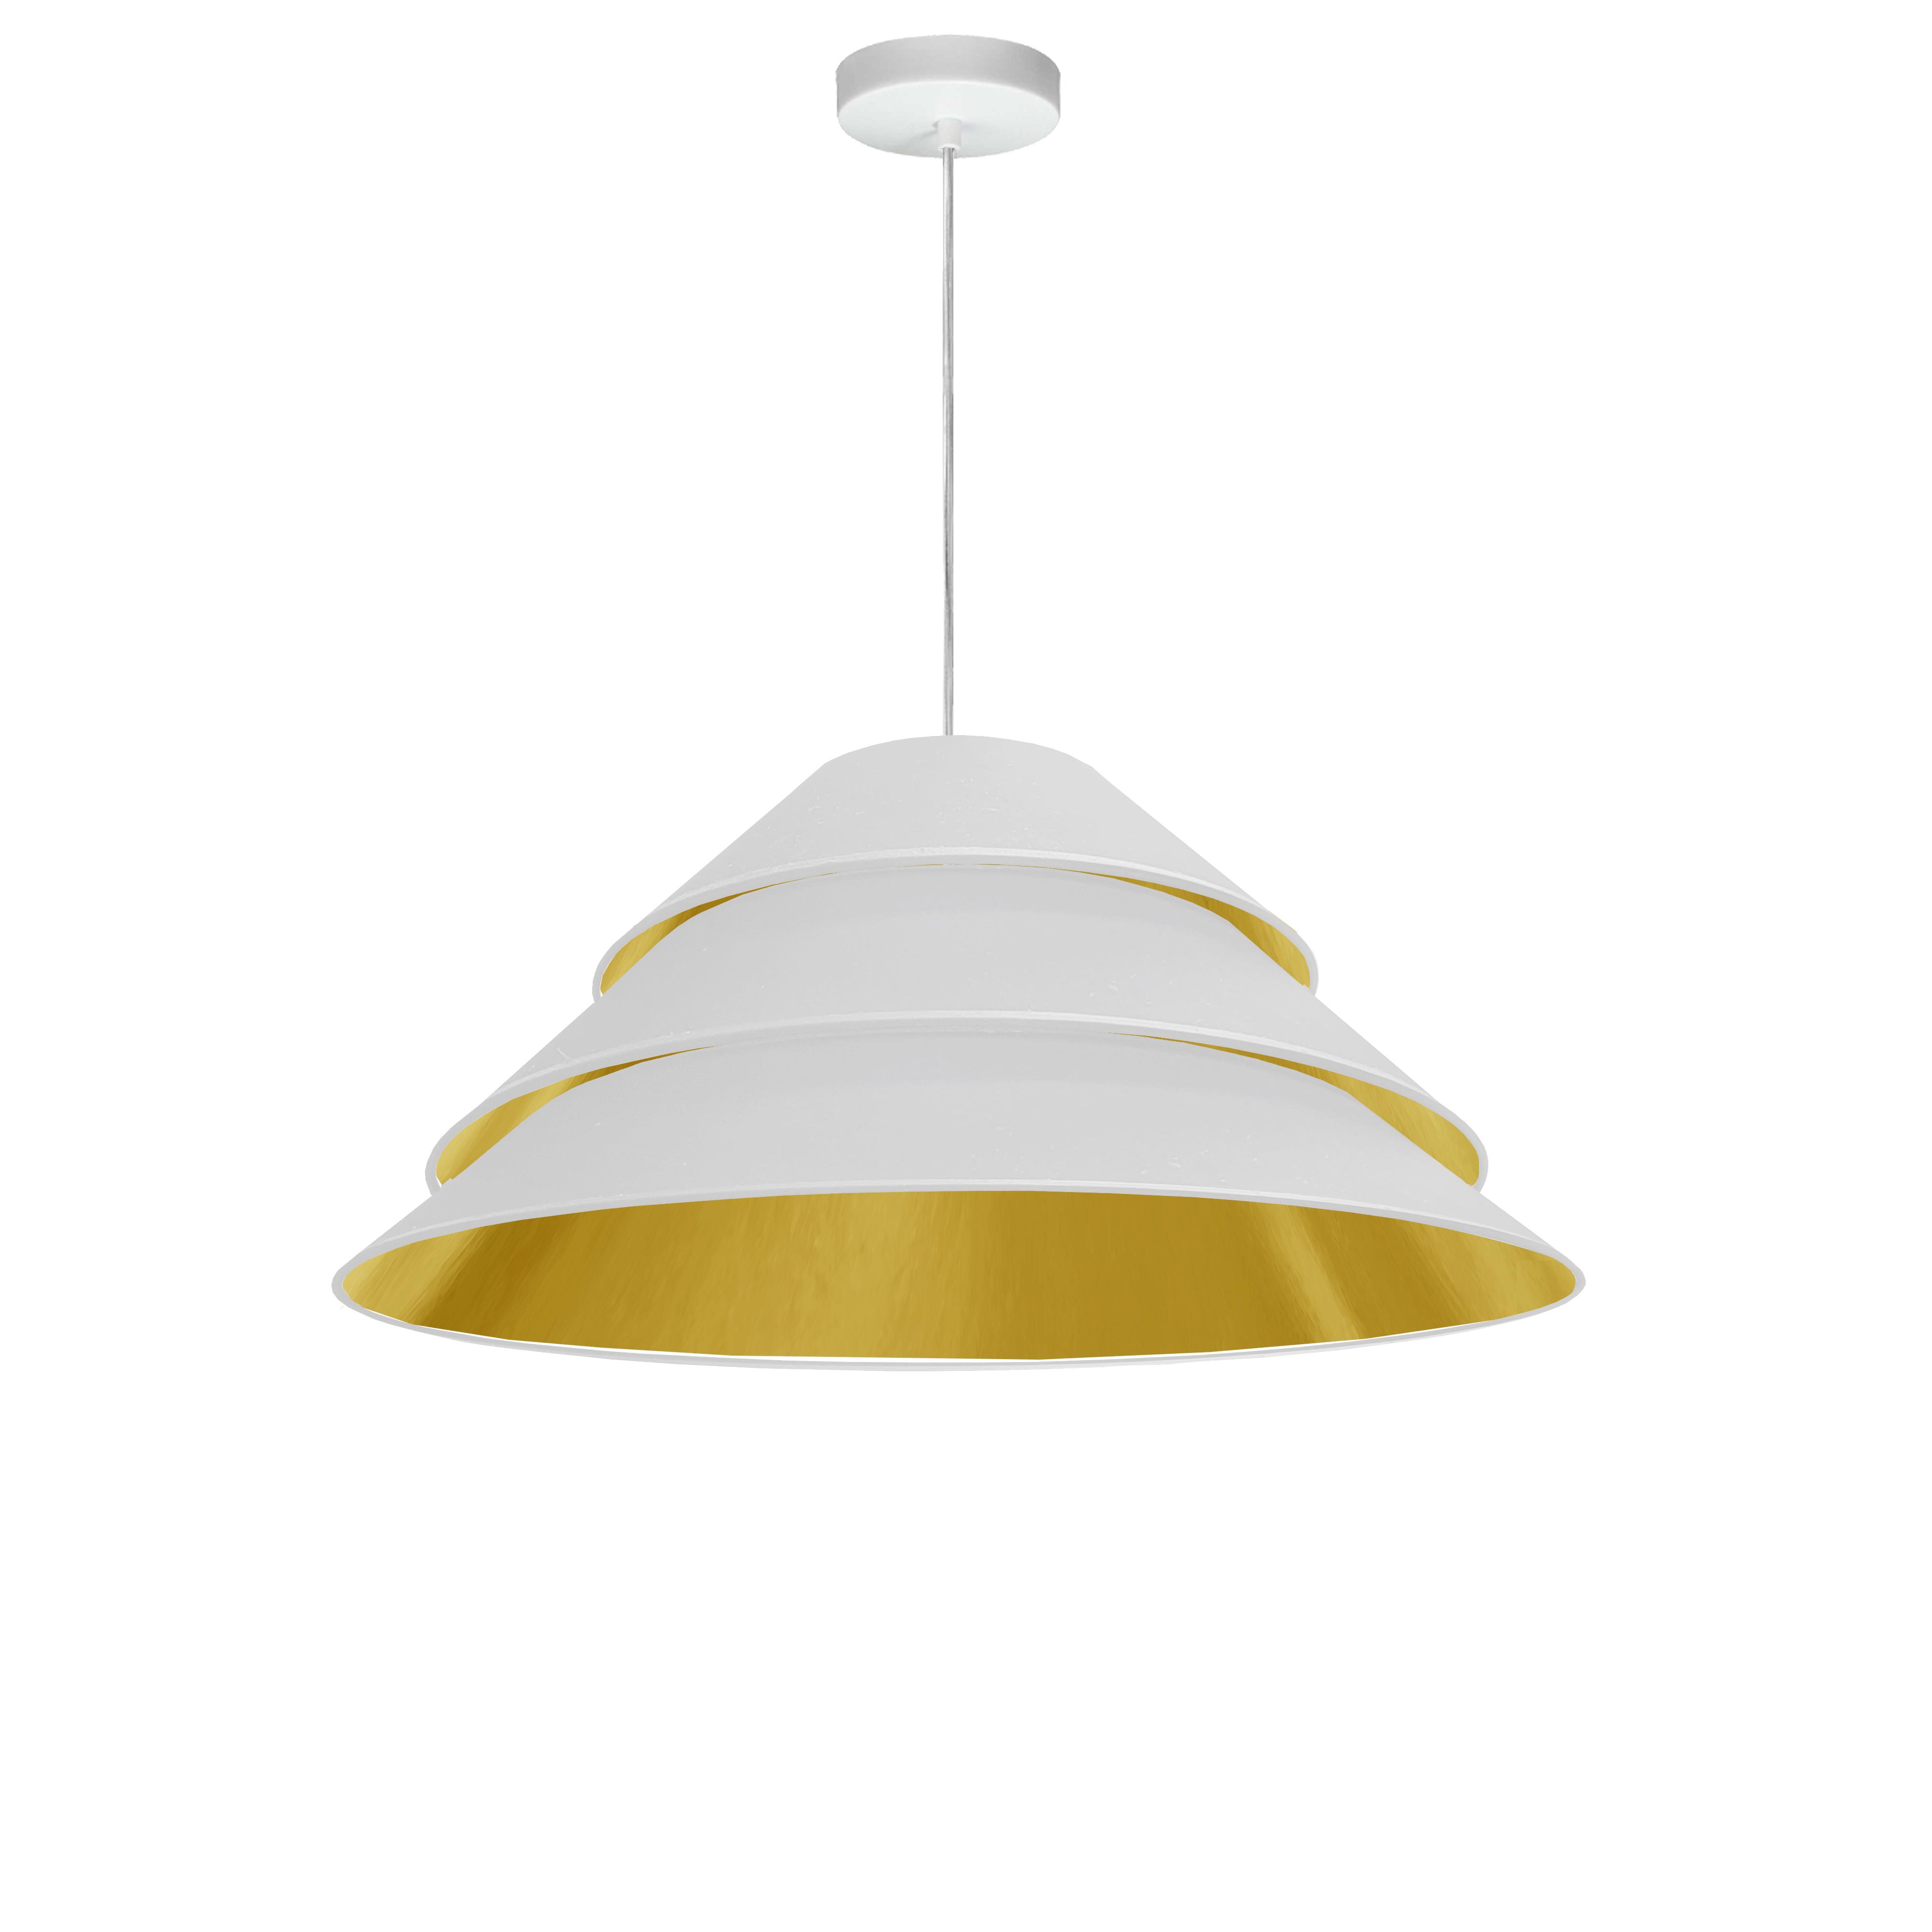 1Light Aranza Pendant, White/Gold Shade, White